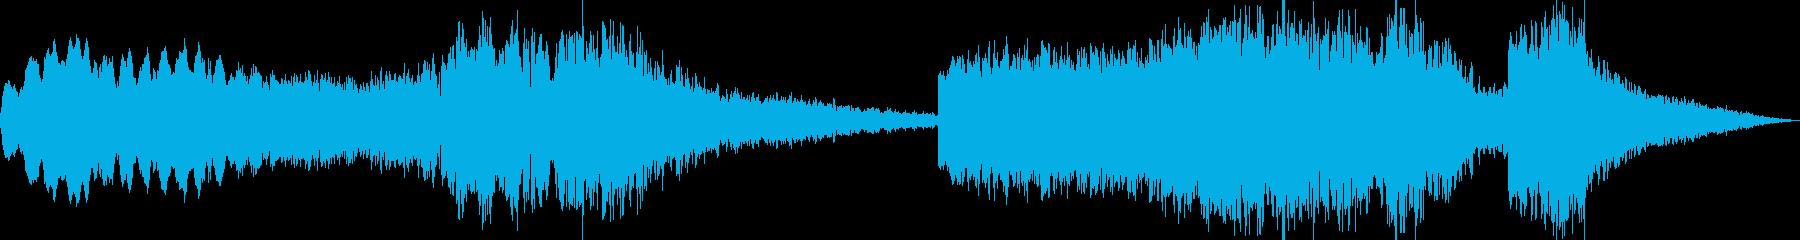 【ホラー】 【ゲーム】 ホーンテッドの再生済みの波形